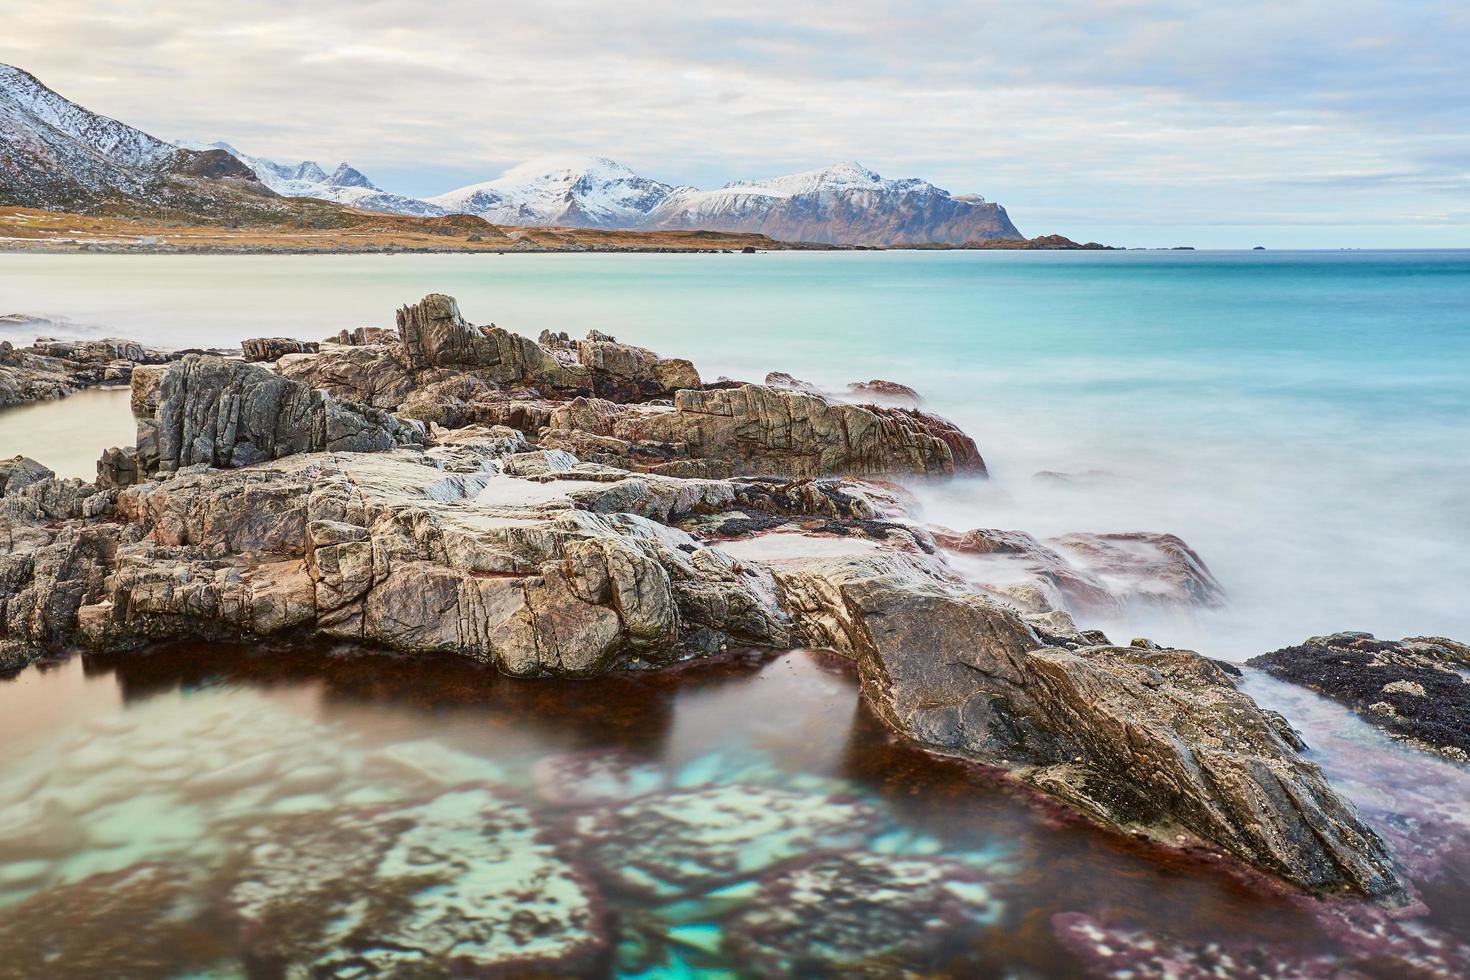 formazione rocciosa marrone sul corpo d'acqua foto